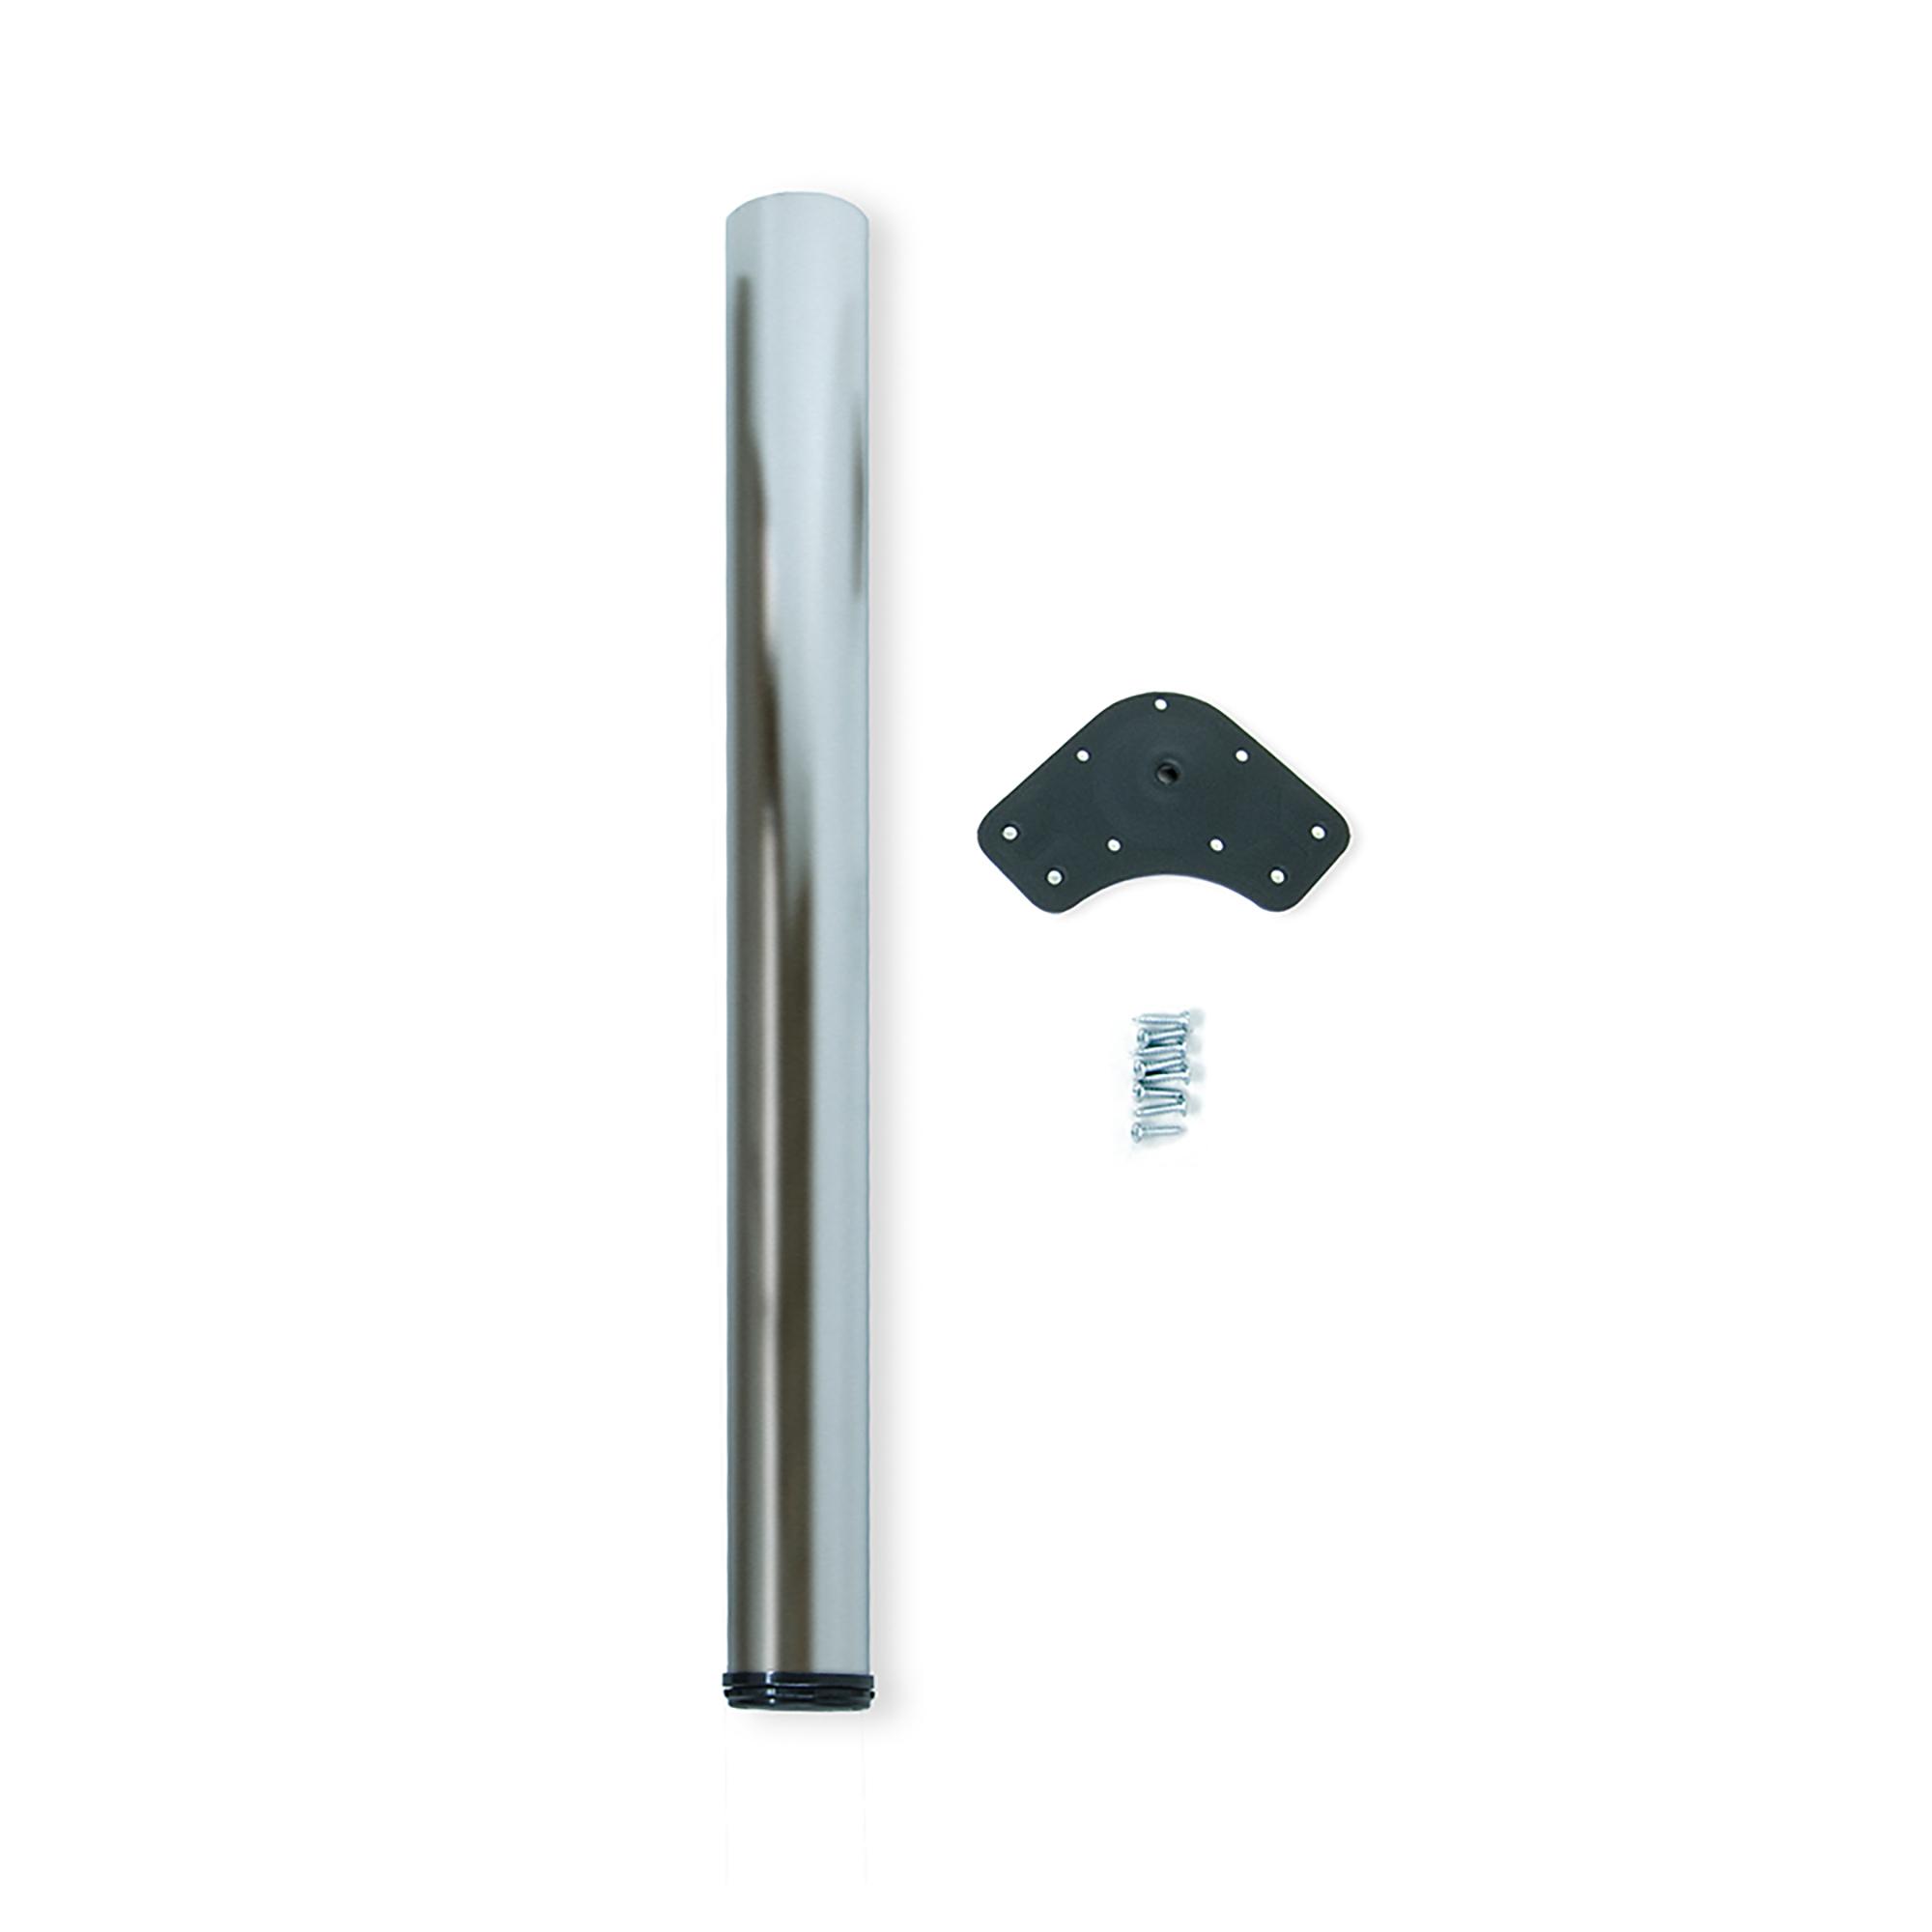 Emuca Gamba per tavolo, D. 80 mm, regolabile 870-900 mm, Acciaio, Nichel satinato